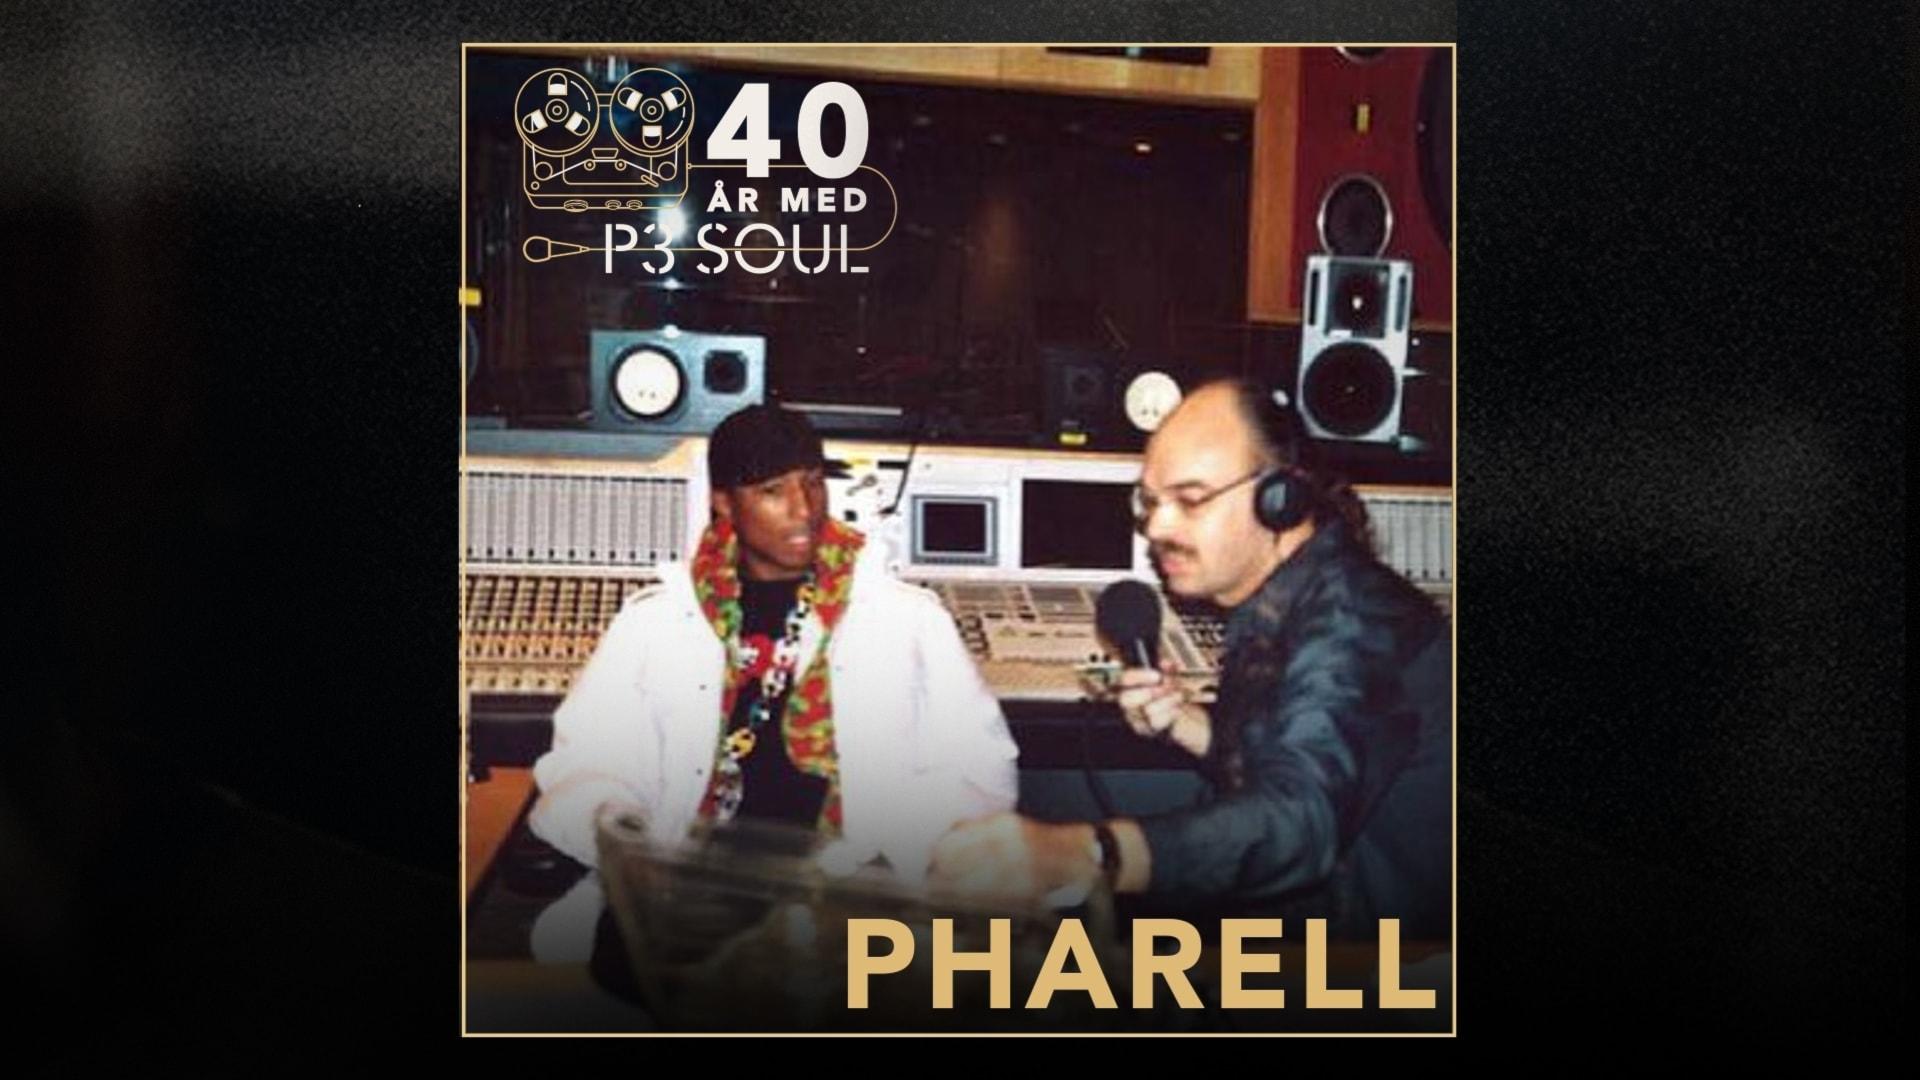 40 år med P3 Soul: Pharrell Williams